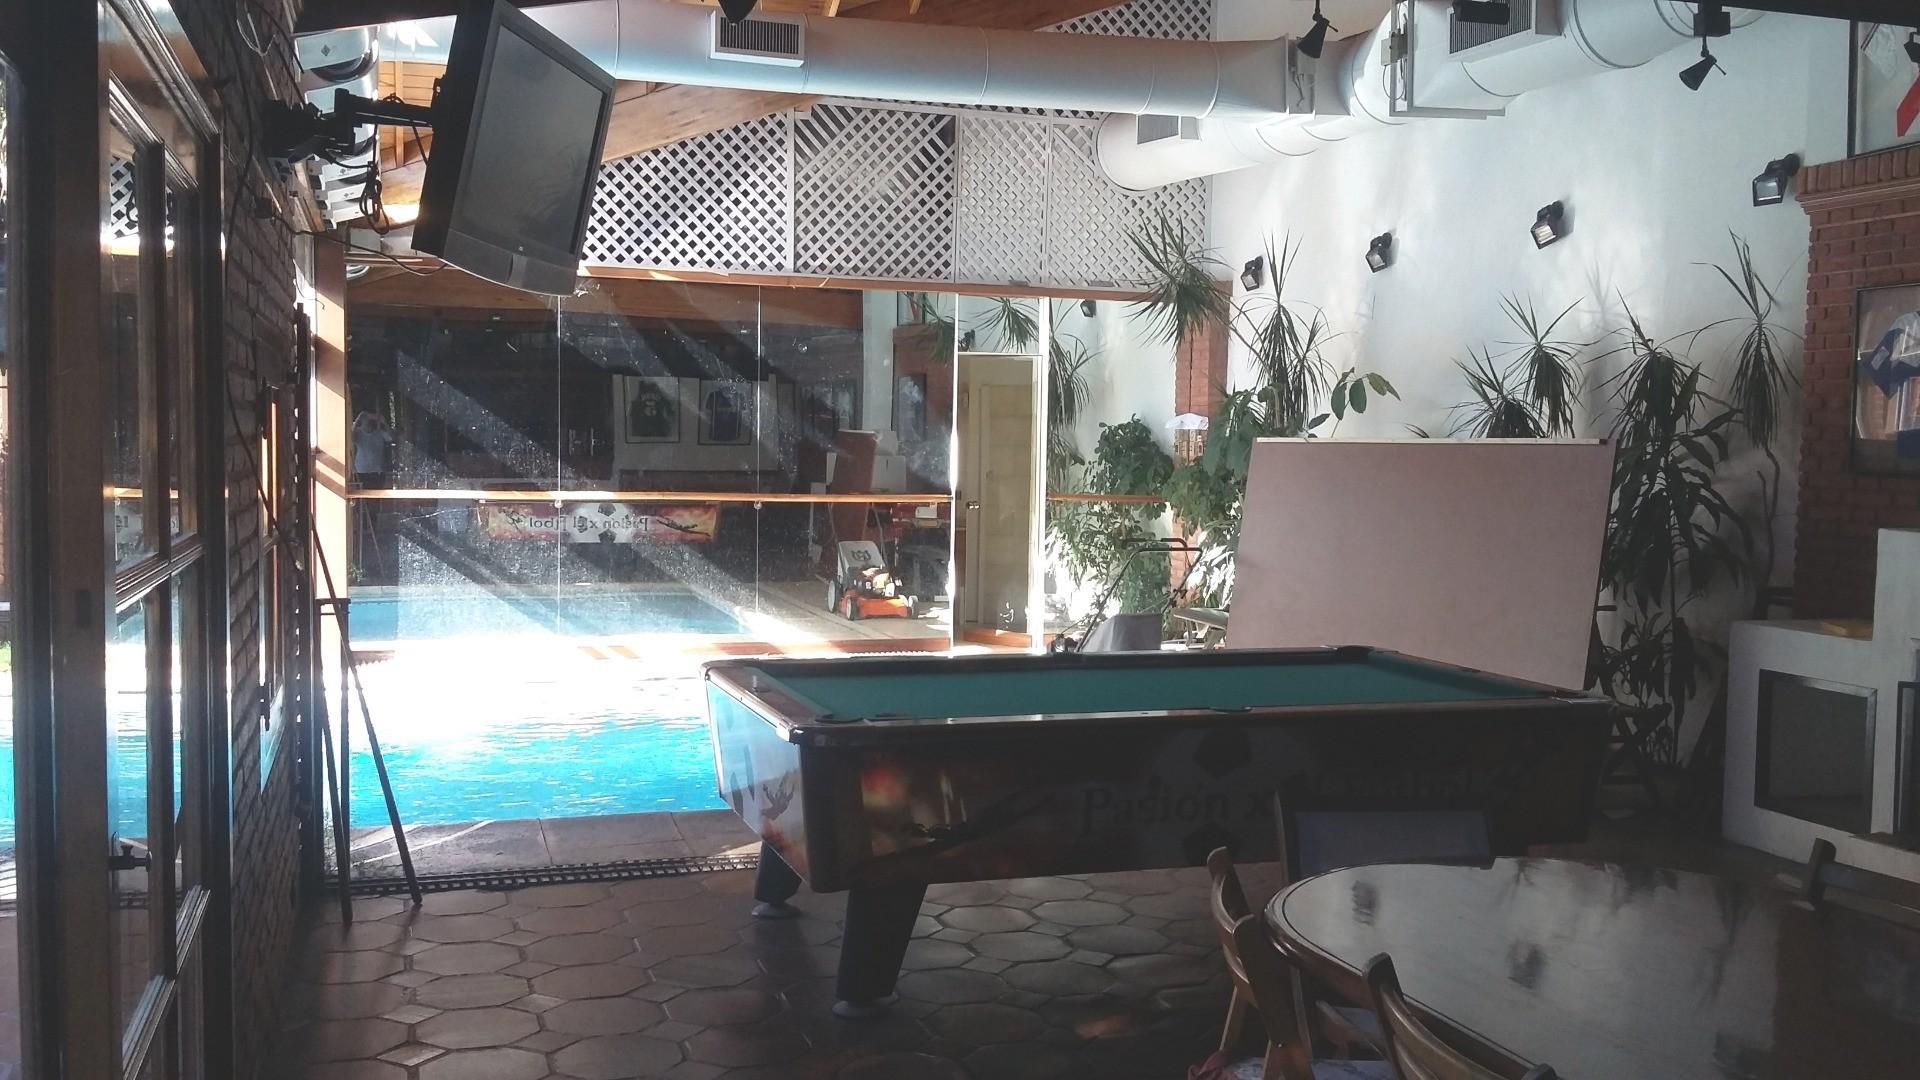 Casa - 630 m² | 5 dormitorios | 23 años